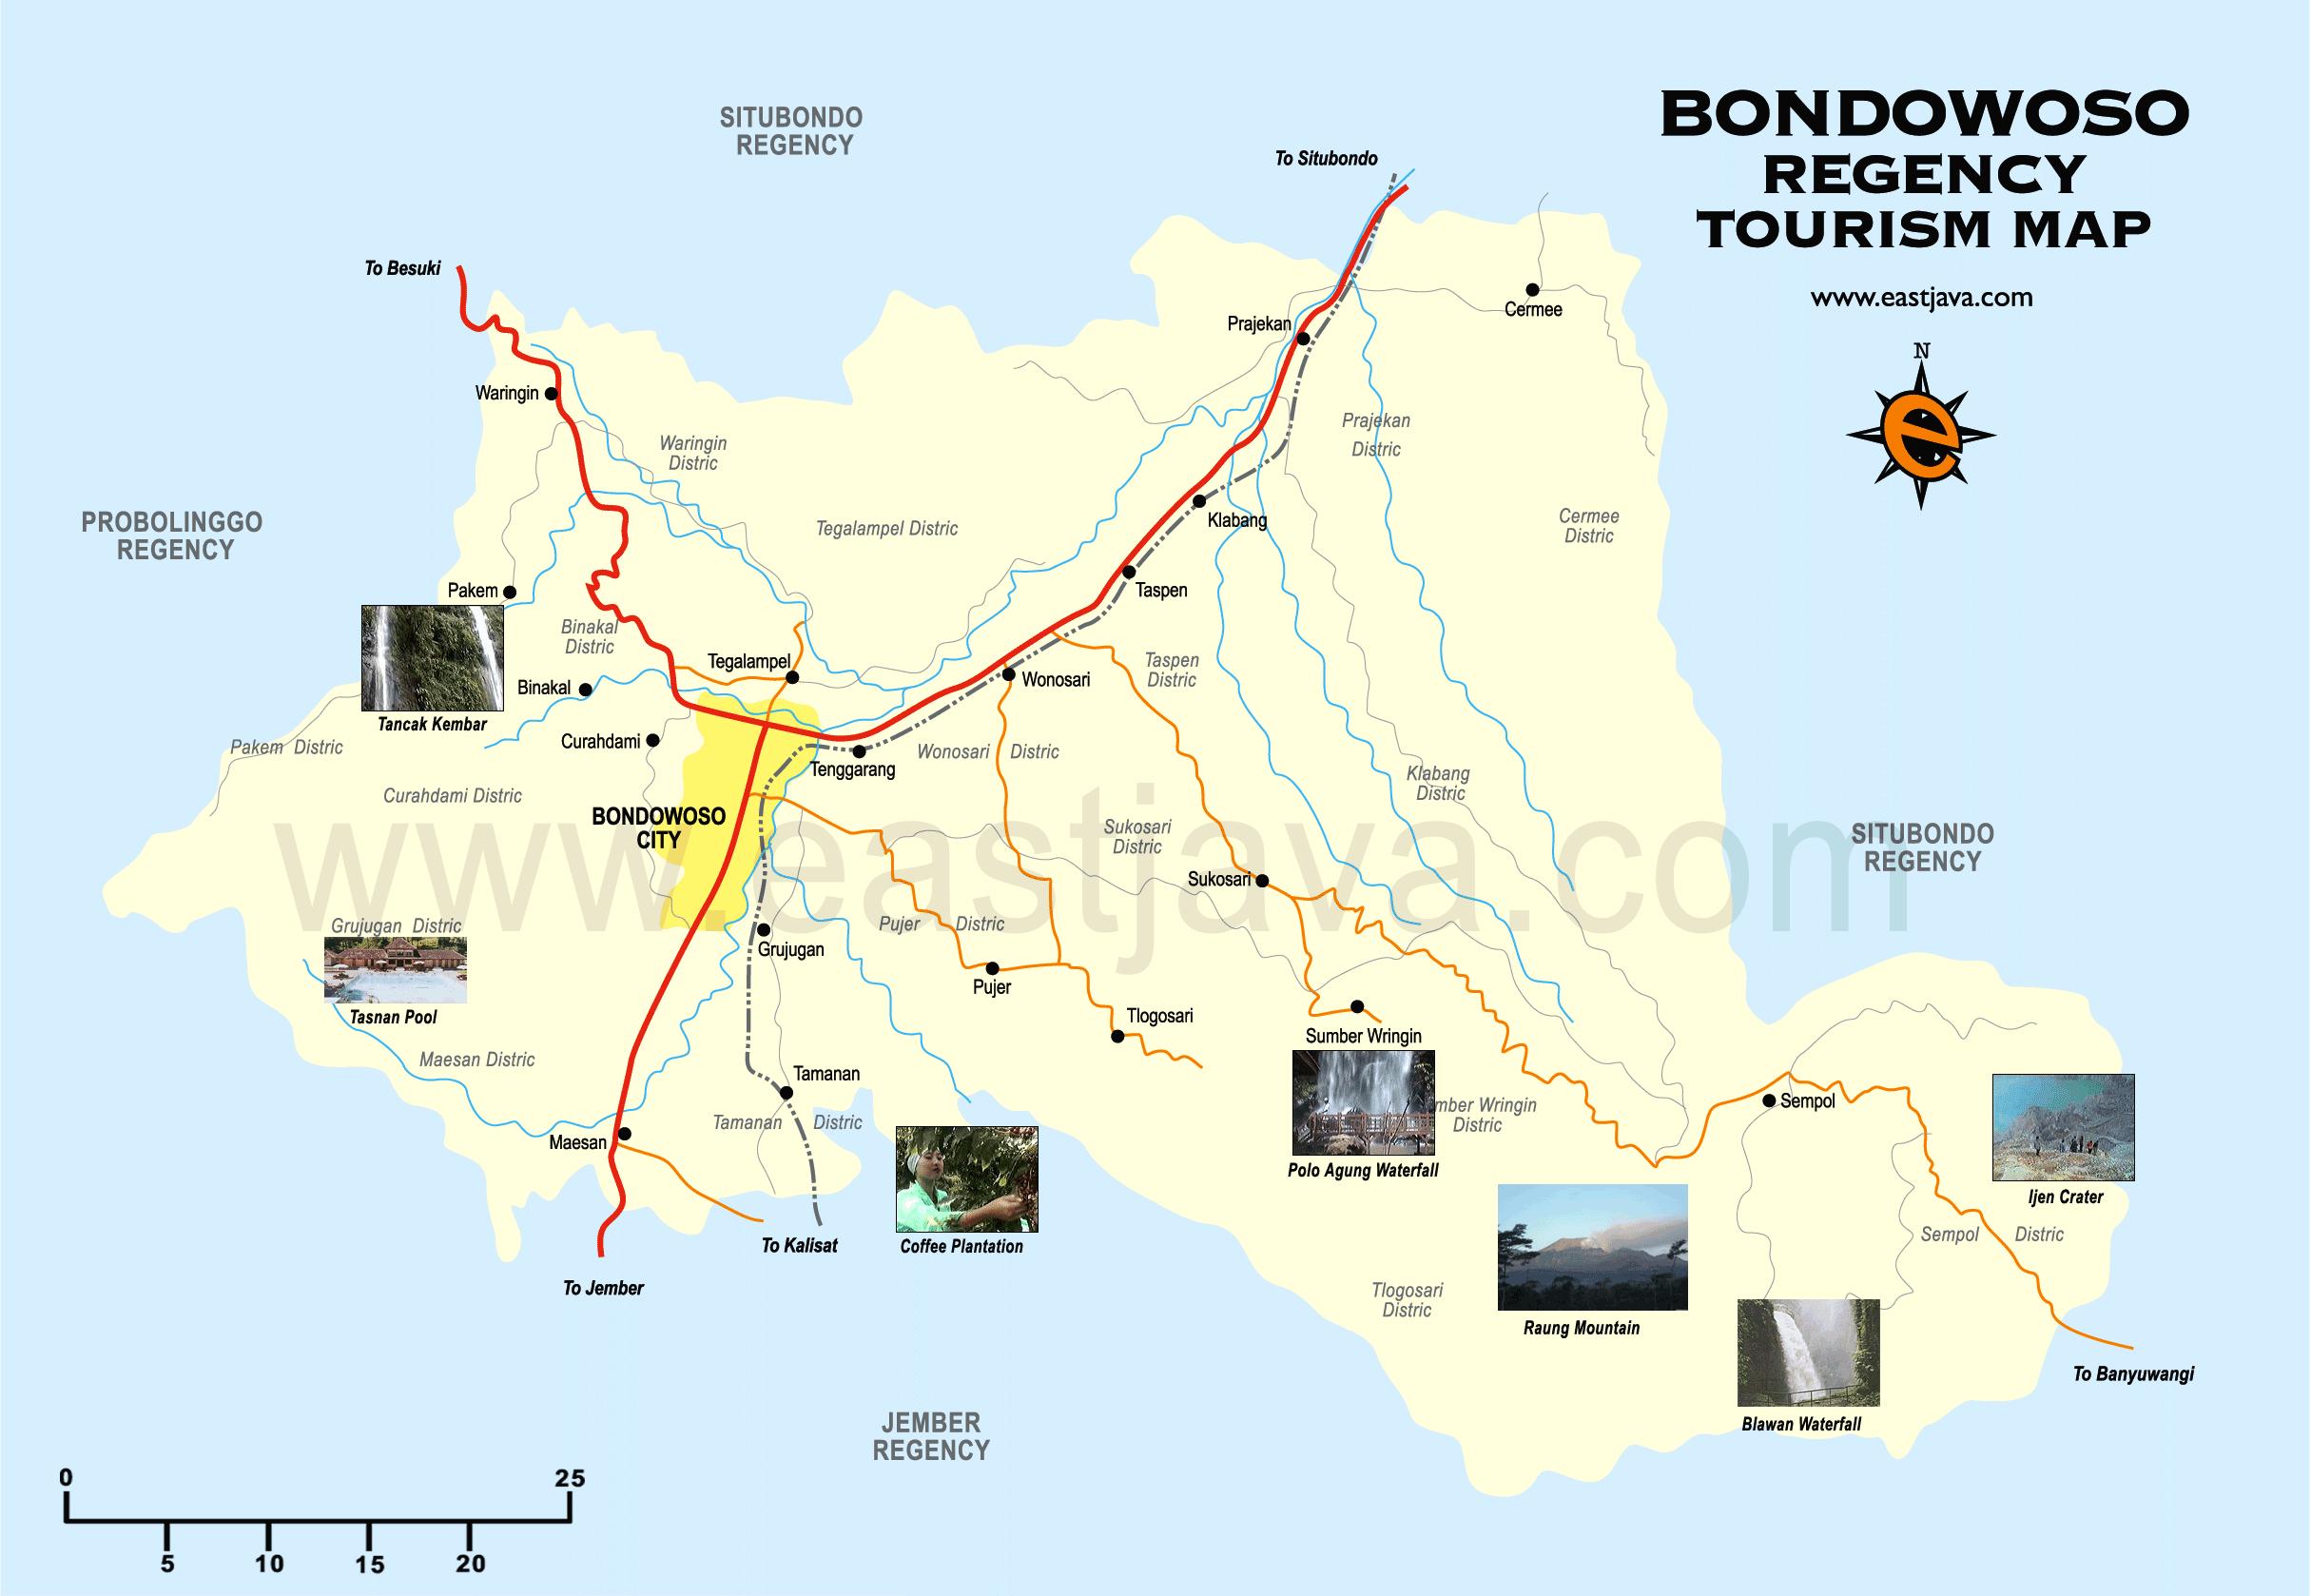 Sejarah Kota Bondowoso Indonesia Punya Cerita Wisata Alun Taman Situbondo